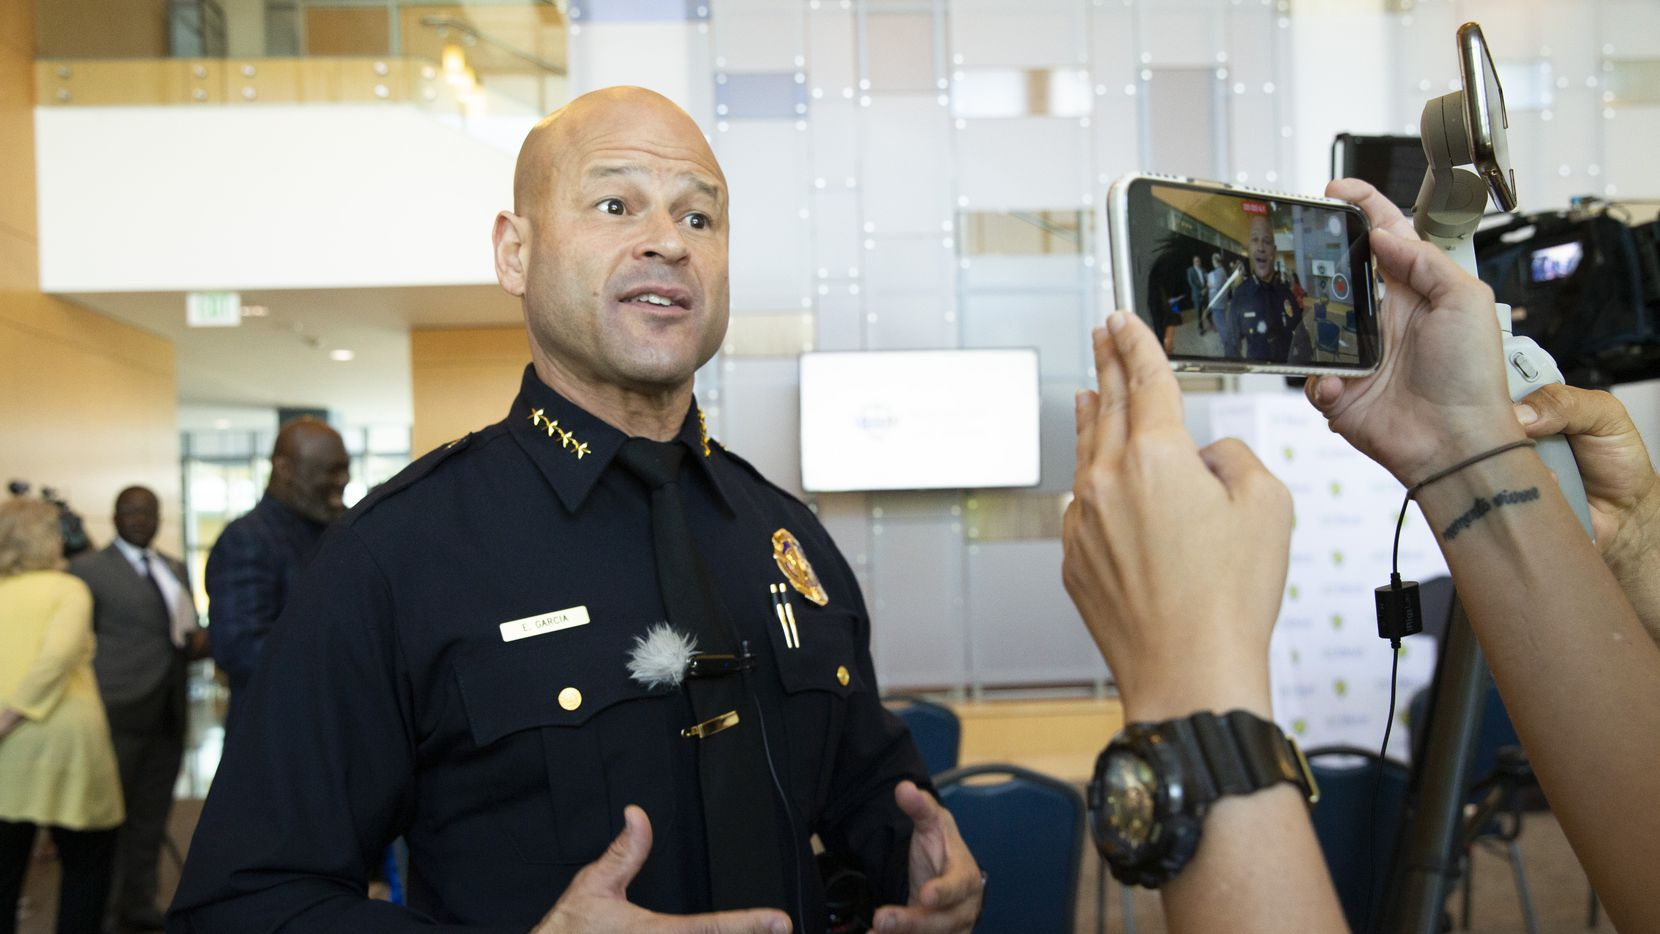 El jefe de policía Eddie García habla con reporteros sobre el programa ABLE, que busca que los policías se conviertan en observadores activos para evitar excesos de sus colegas. El programa fue presentado en UNT Dallas el jueves.